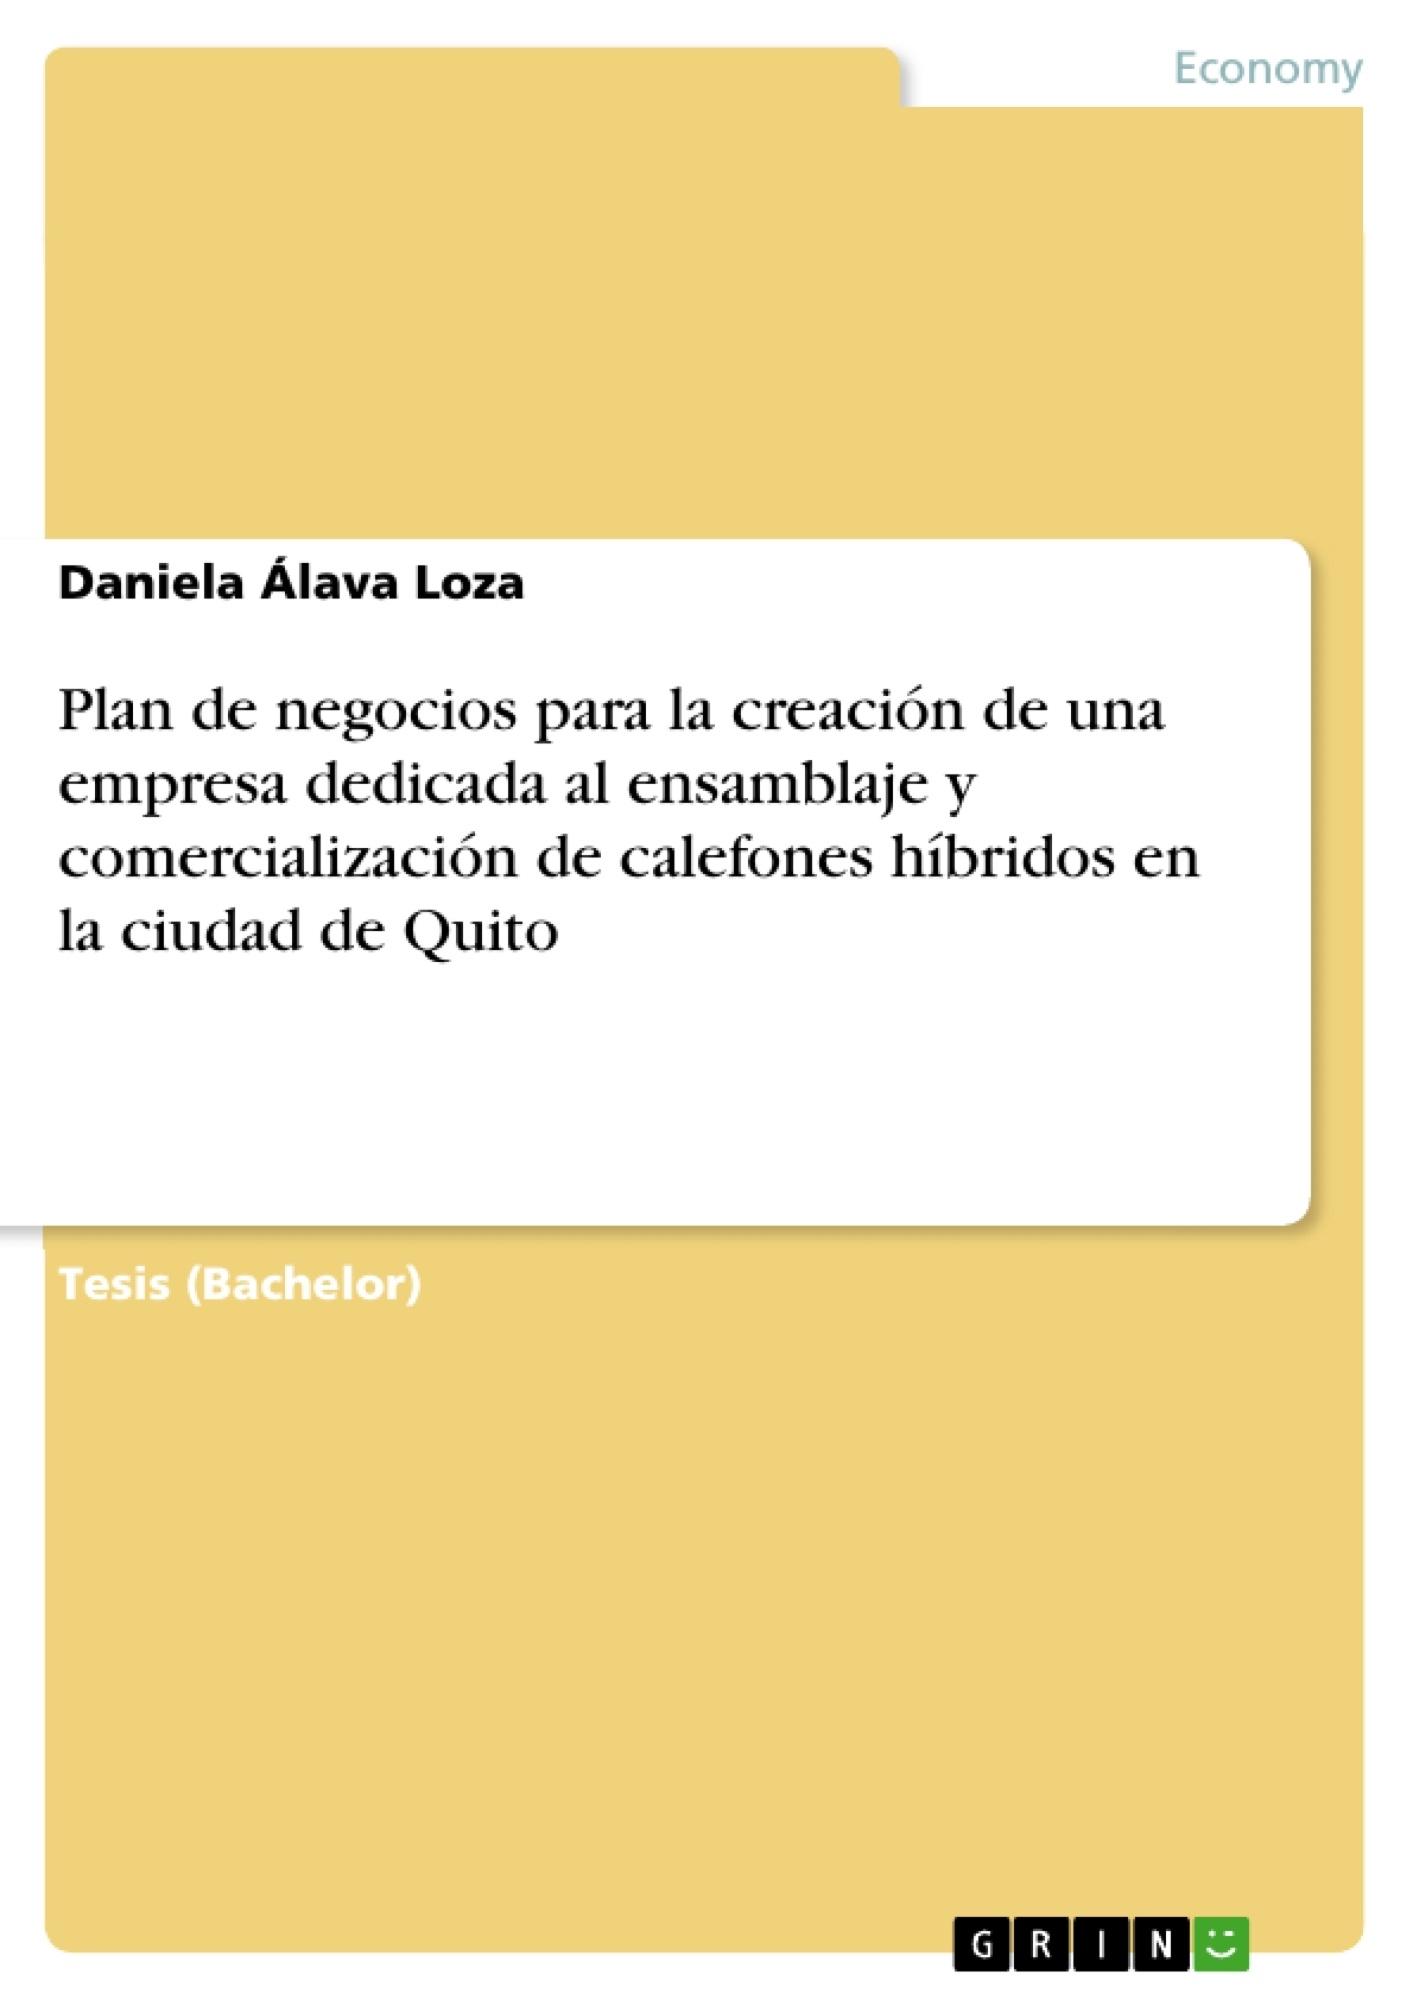 Título: Plan de negocios para la creación de una empresa dedicada al ensamblaje y comercialización de calefones híbridos en la ciudad de Quito